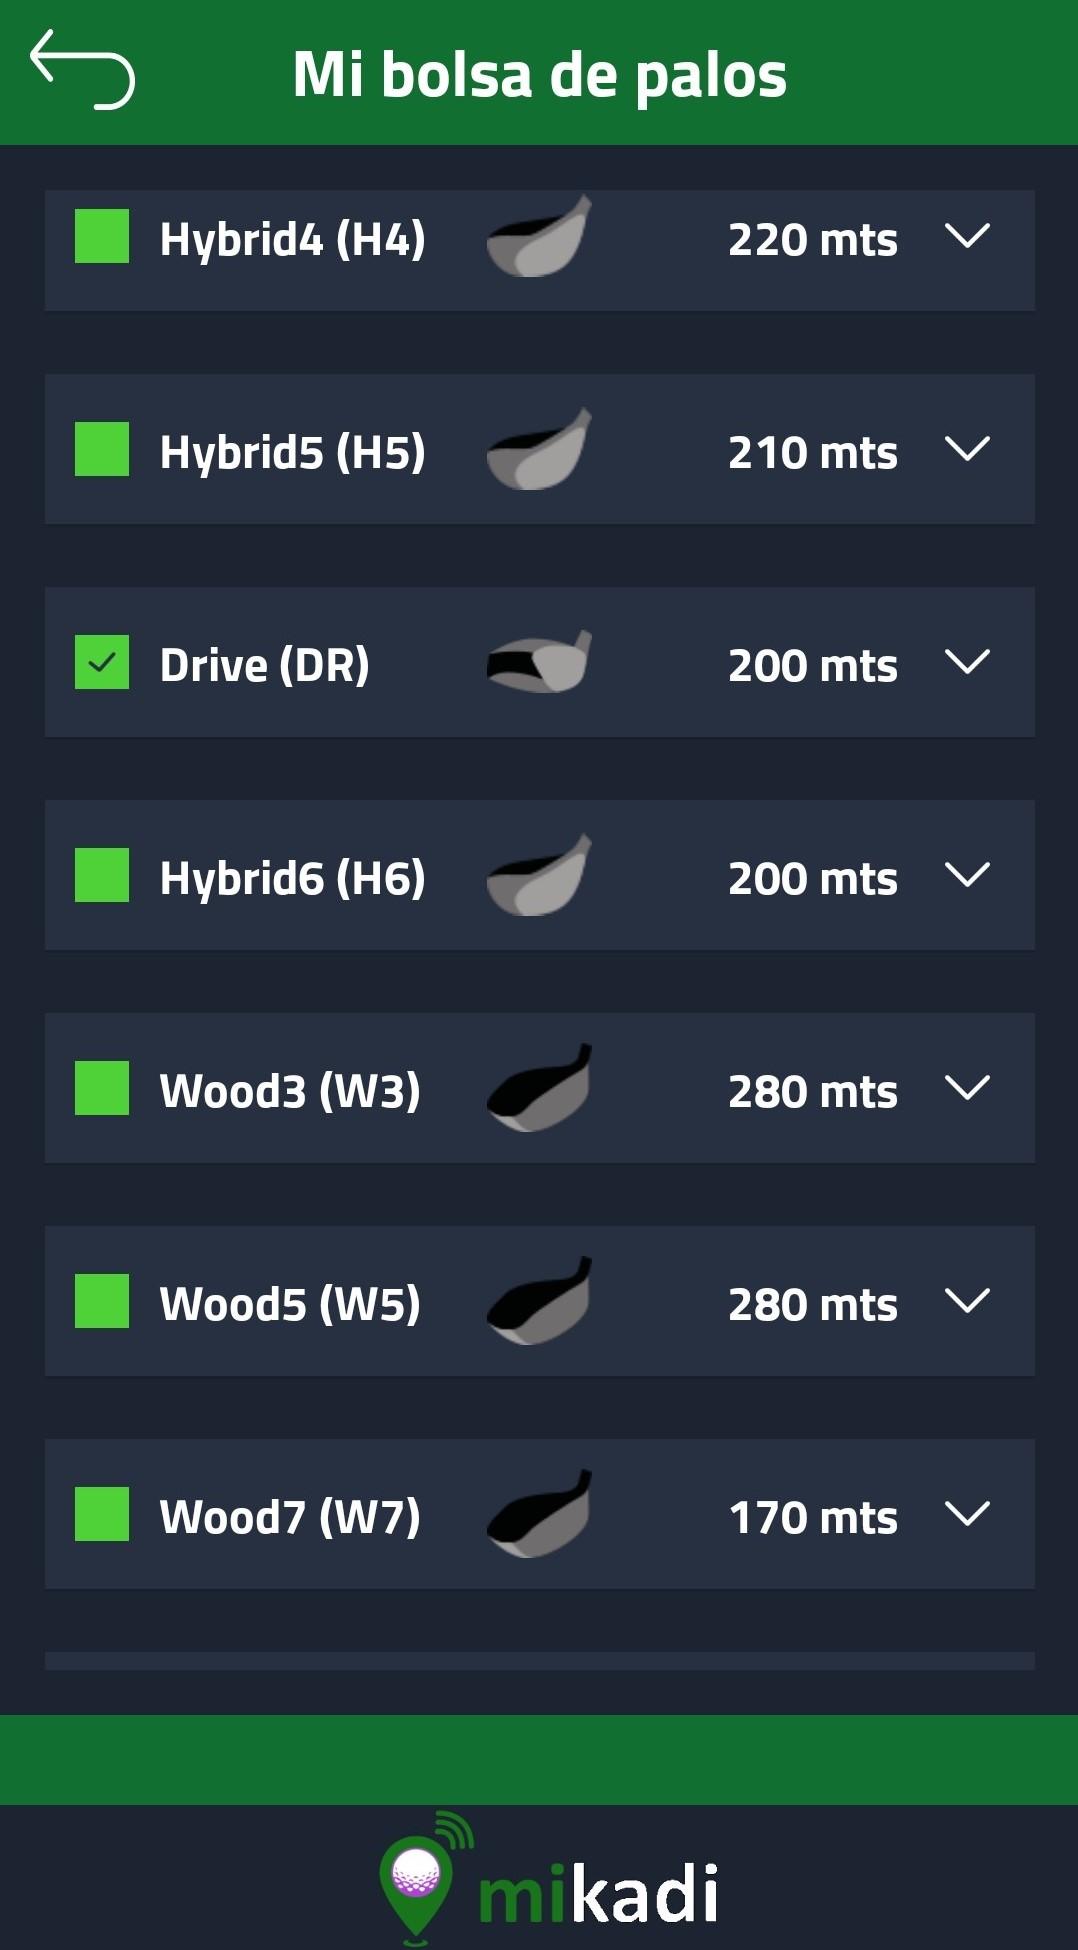 Distancias palos de golf